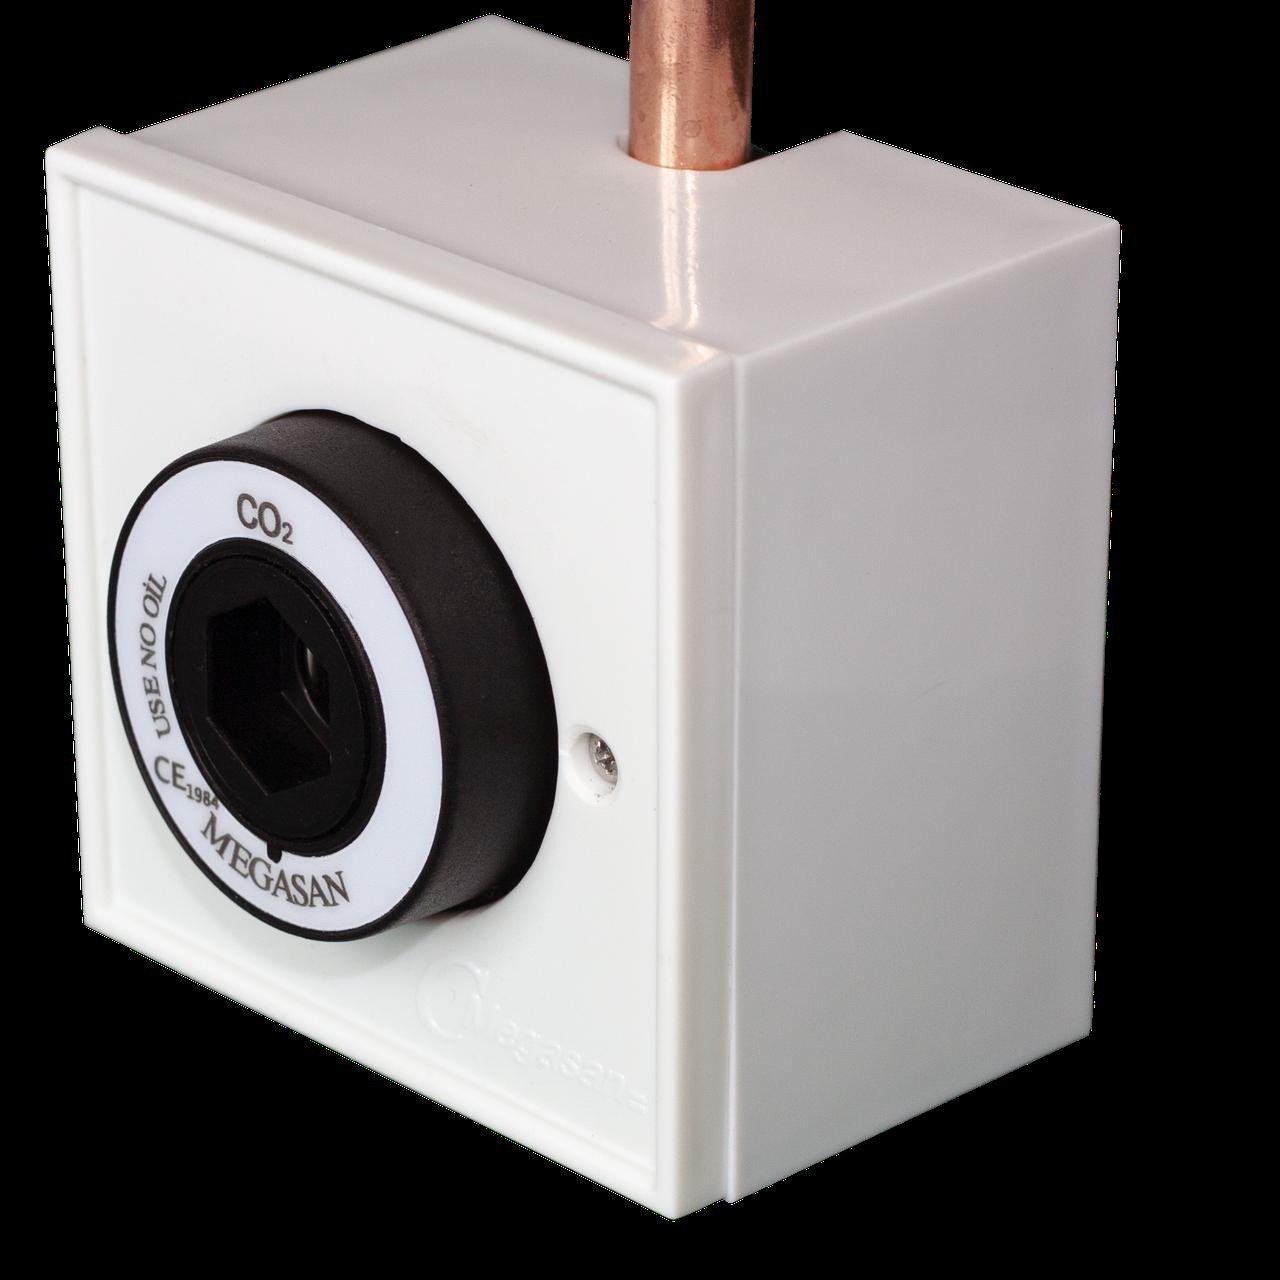 Розетка газовая, в корпусе, углекислый газ - DIN - пневматическая 10 мм